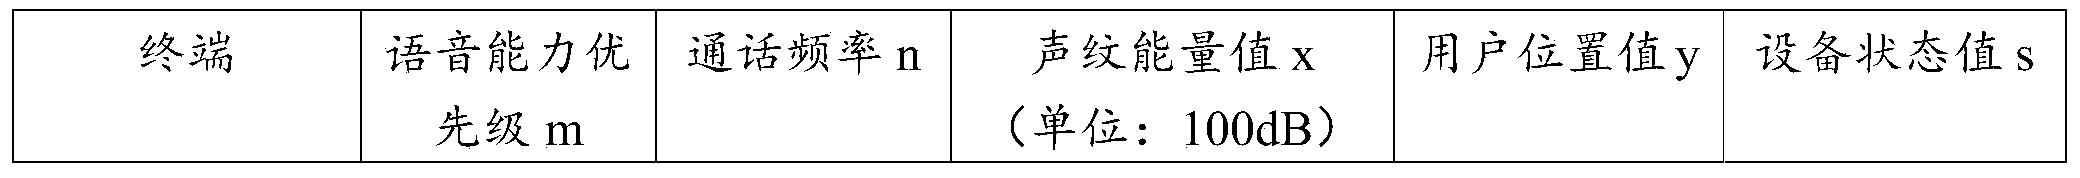 Figure PCTCN2020095751-appb-000009